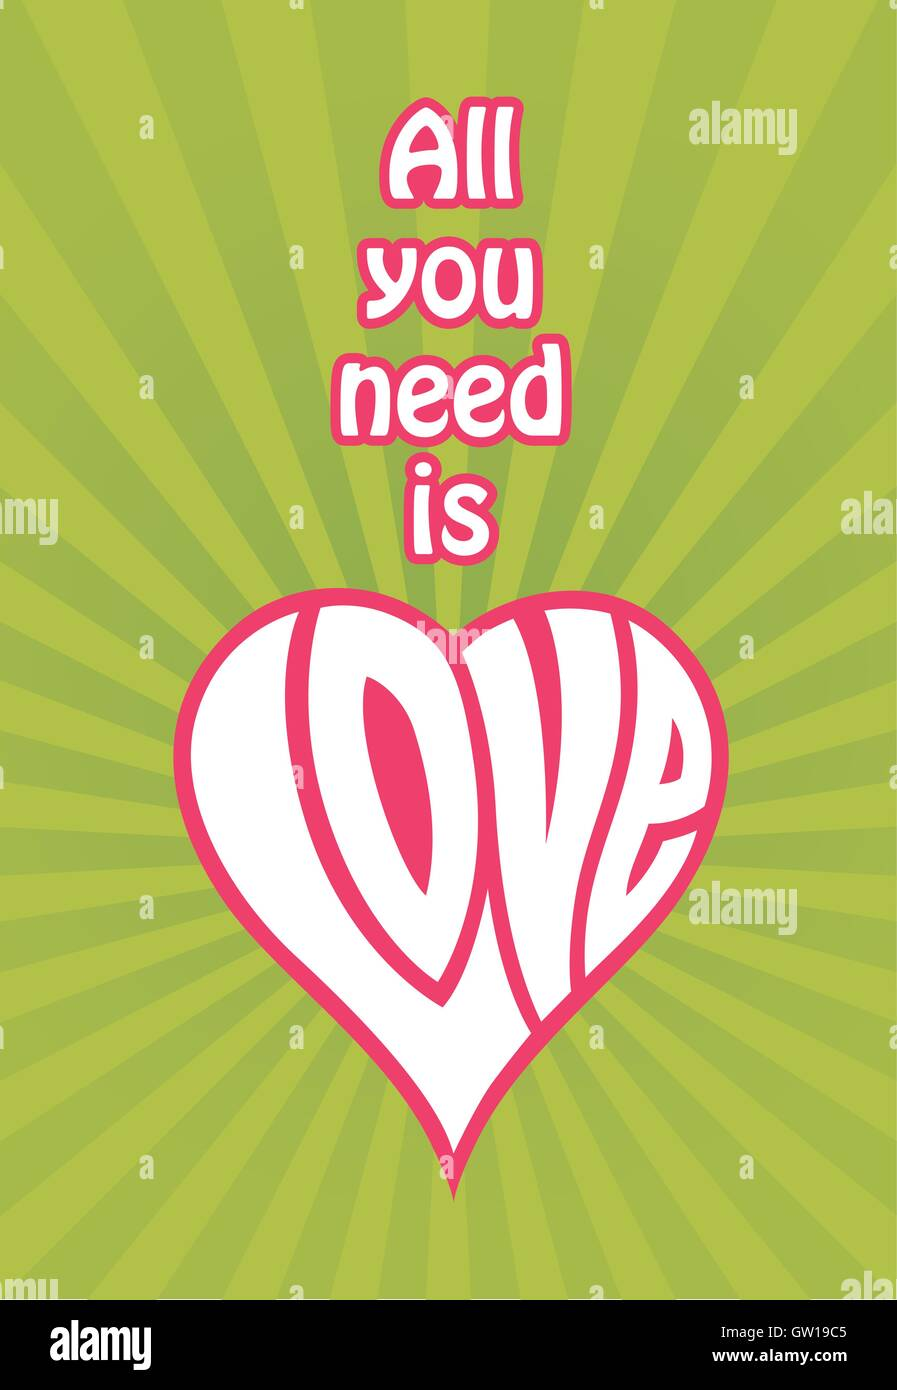 All You Need Is Love vector design. Forme de coeur fait avec des lettres formant le mot amour. Radial rétro arrière-plan groovy. Le jour de la Saint-Valentin. Illustration de Vecteur